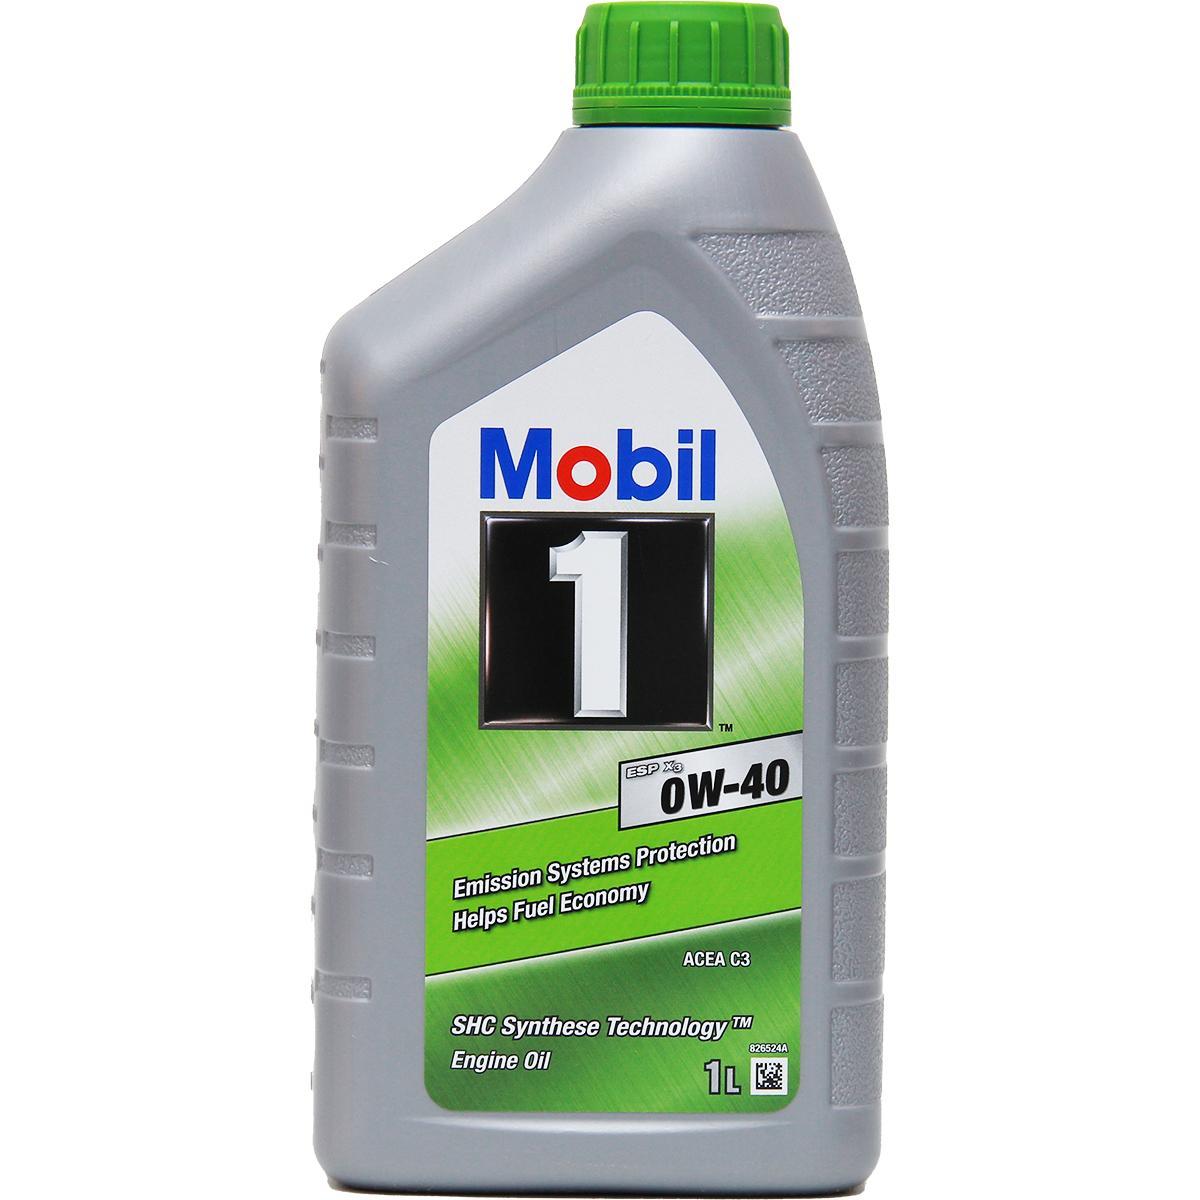 Motoröl Opel Corsa D Diesel und Benzin 2013 - MOBIL 151500 ()